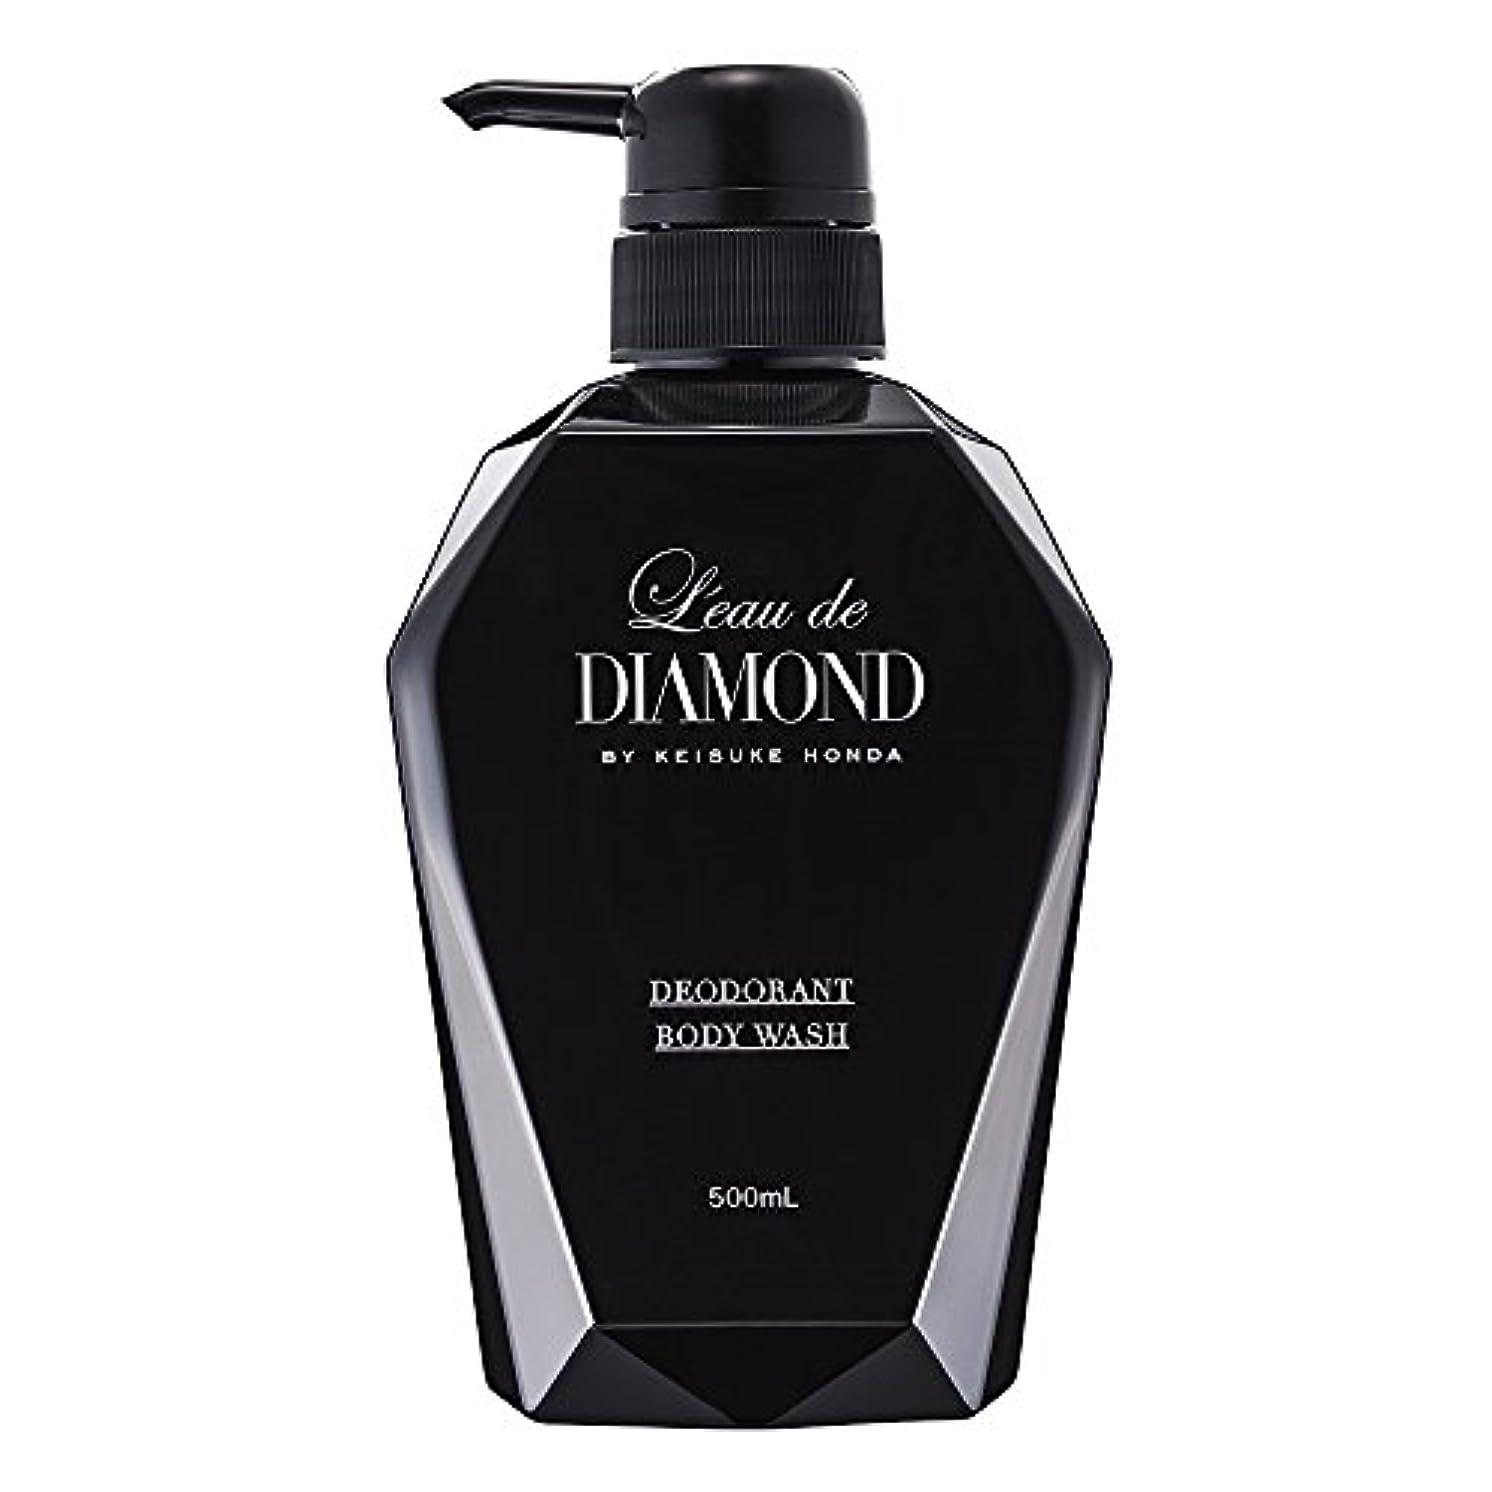 窒素一致する七時半ロードダイアモンド 薬用デオドラントボディウォッシュ 500ml